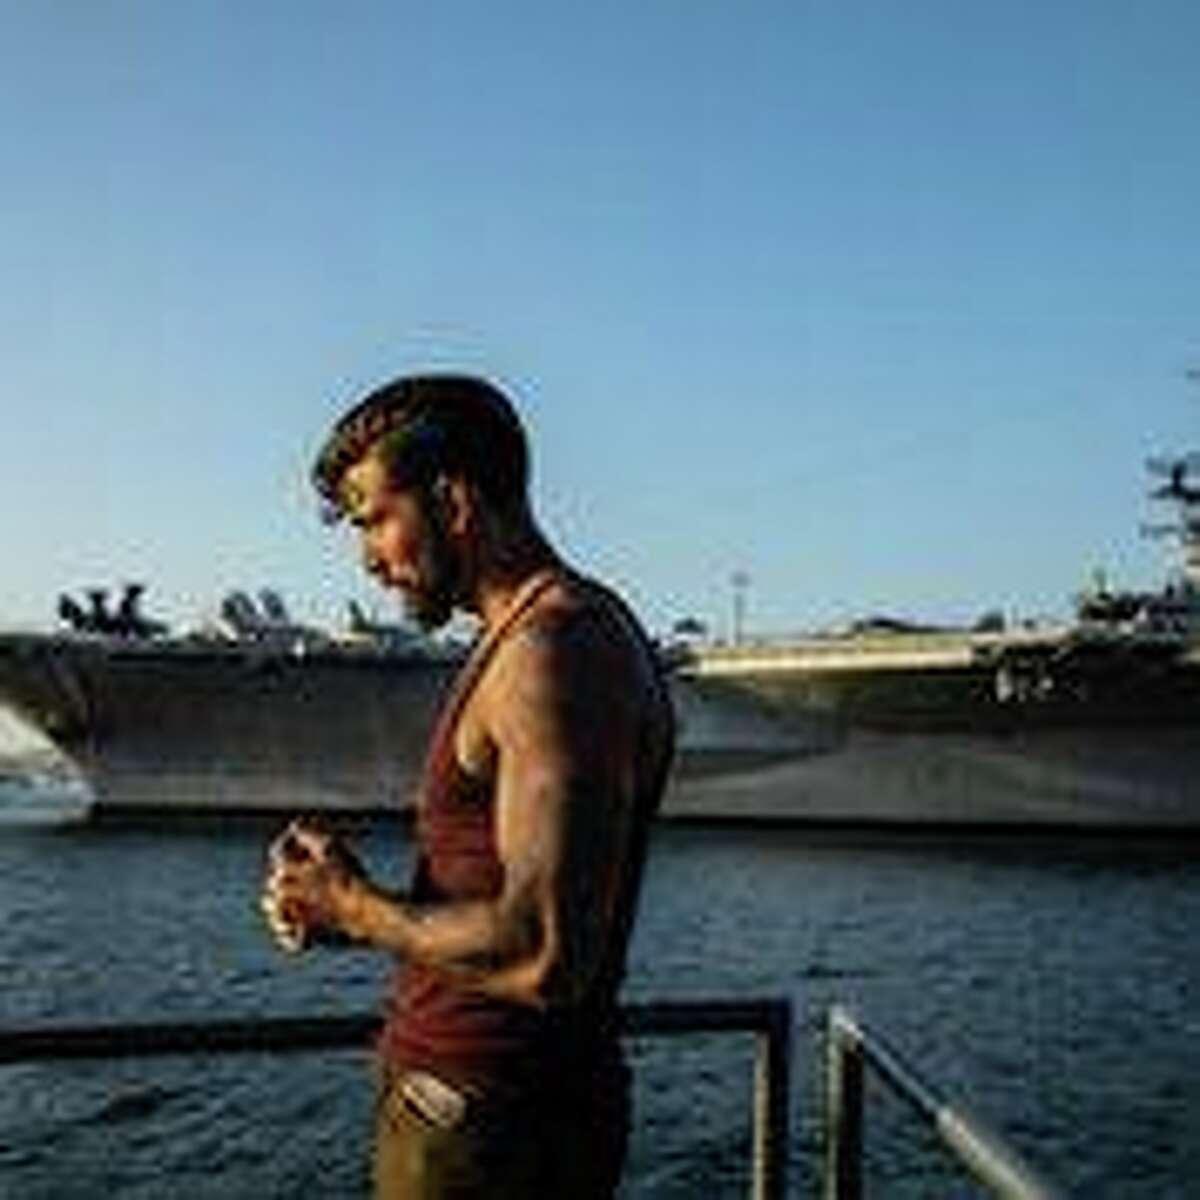 Houston native Tom Vera makes his film debut in Narco Sub.